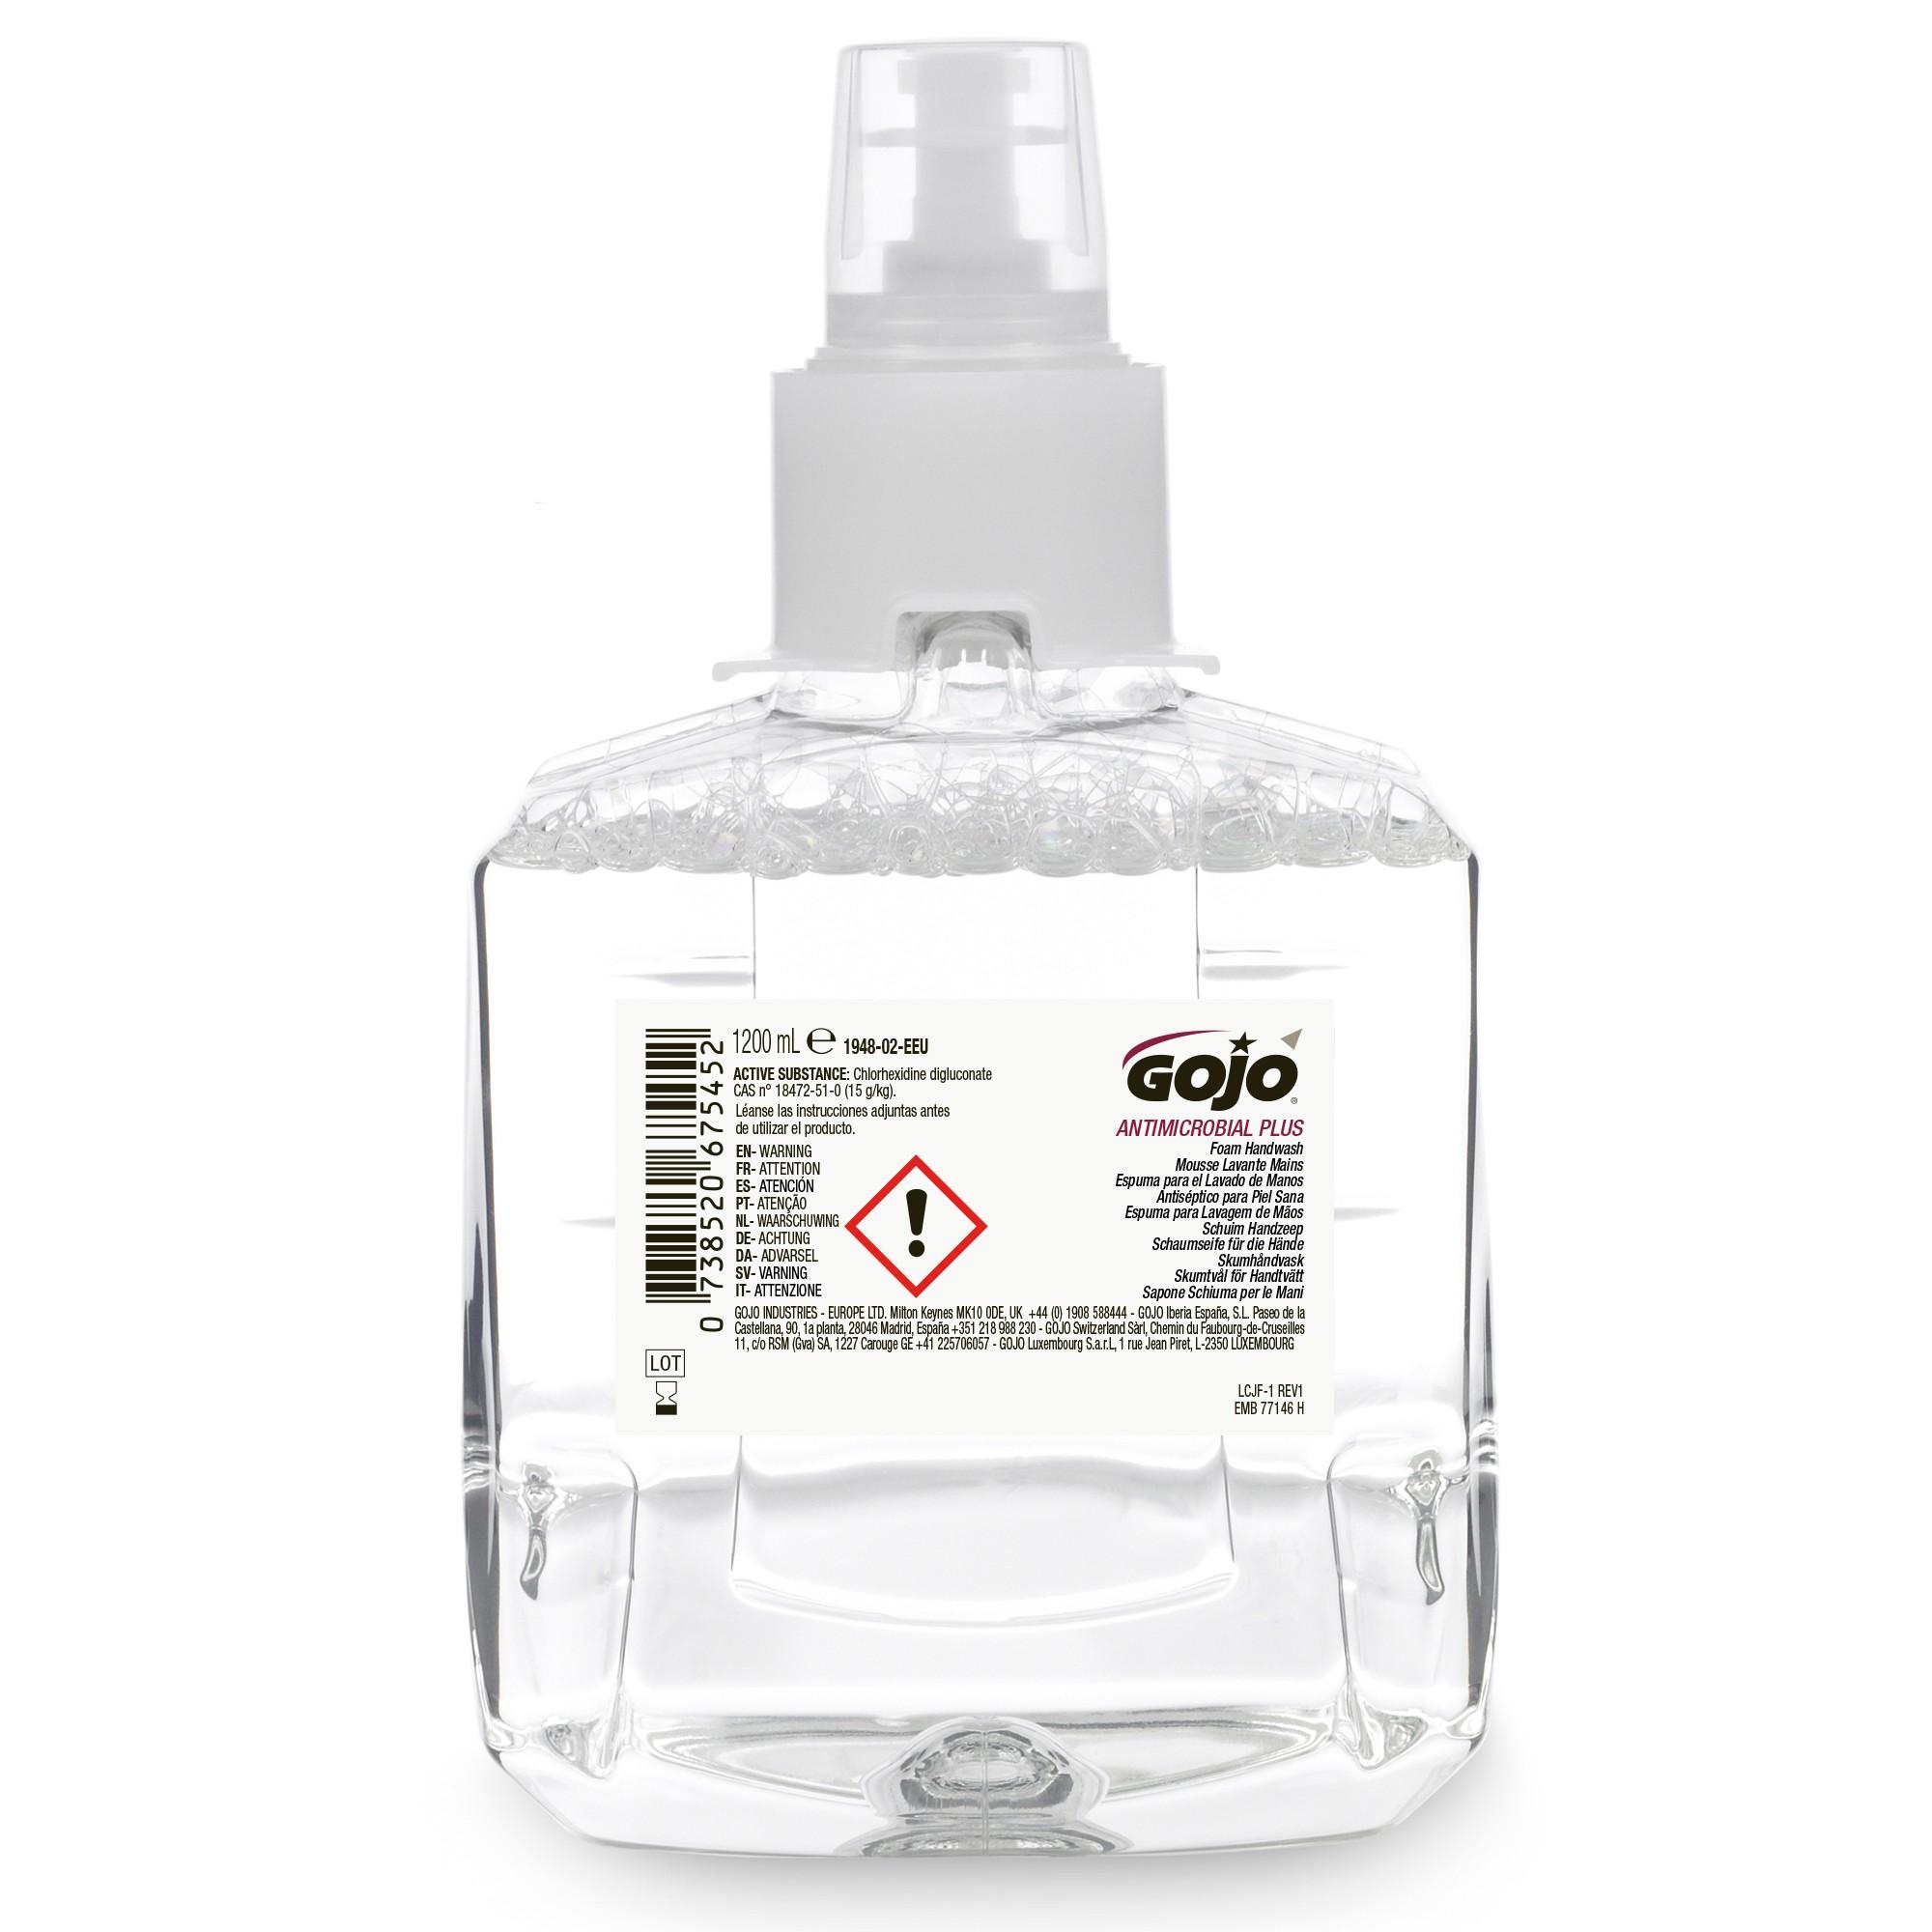 Savon mousse antibactérien Gojo 1200ml Recharge LTX-12 1200ml par 2